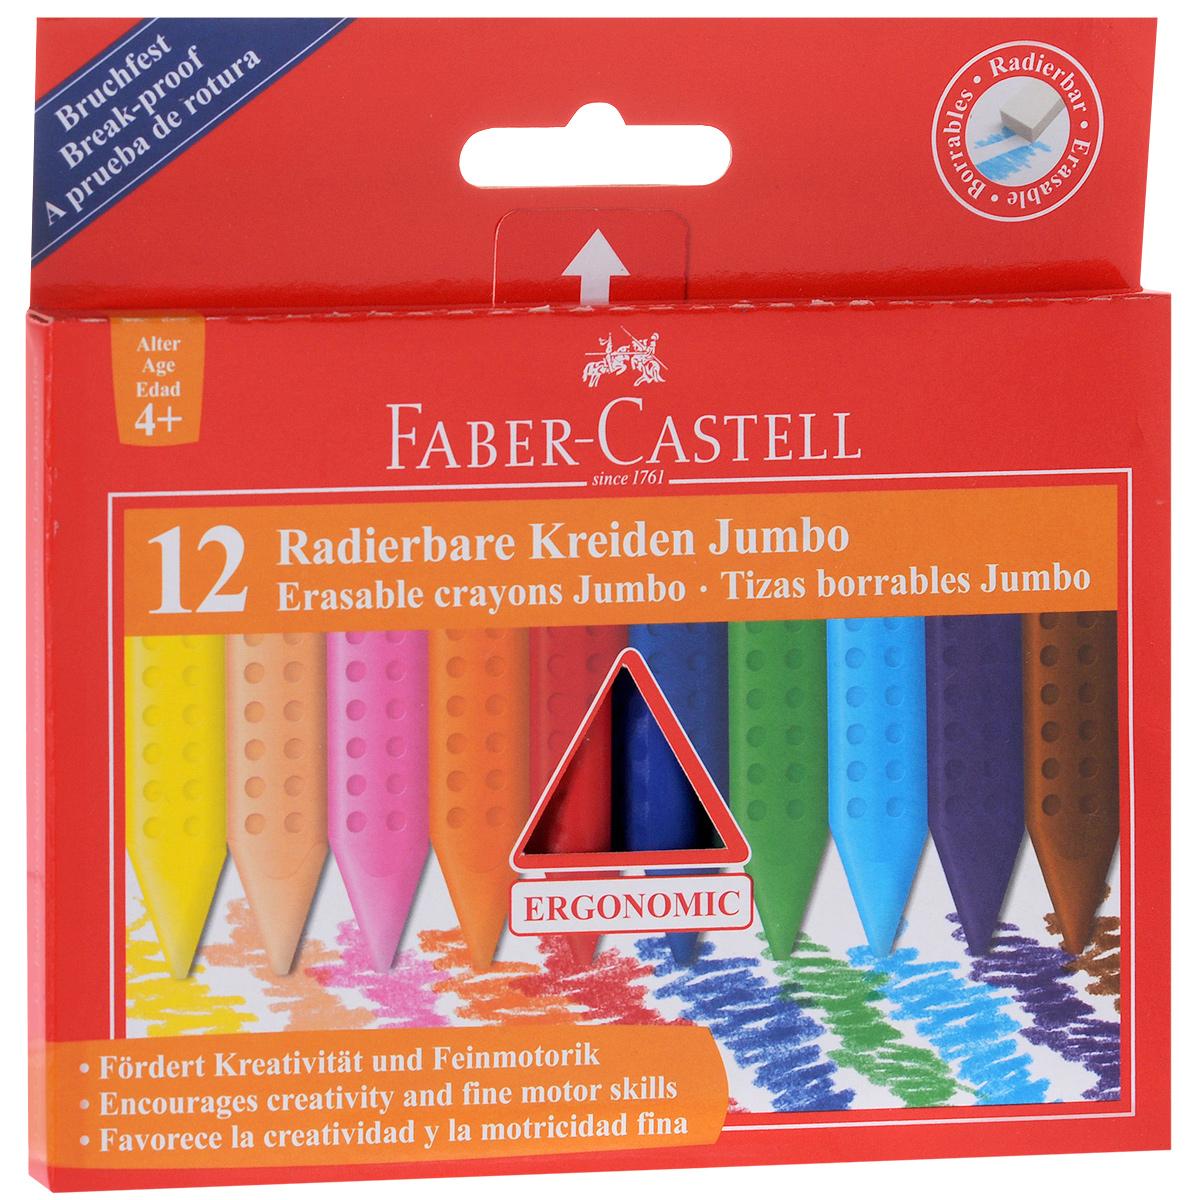 """Восковые мелки Faber-Castell """"Radierbare Kreiden Jumbo"""" предназначены для рисования на картоне и бумаге. Утолщенный трехгранный корпус особенно удобен для детской руки. Мелки обеспечивают удивительно мягкое письмо, обладают отличными кроющими свойствами. Их можно затачивать и стирать как карандаш. Мелки не пачкаются, что позволит сохранить руки чистыми. В набор входят восковые мелки 12 ярких классических цветов."""